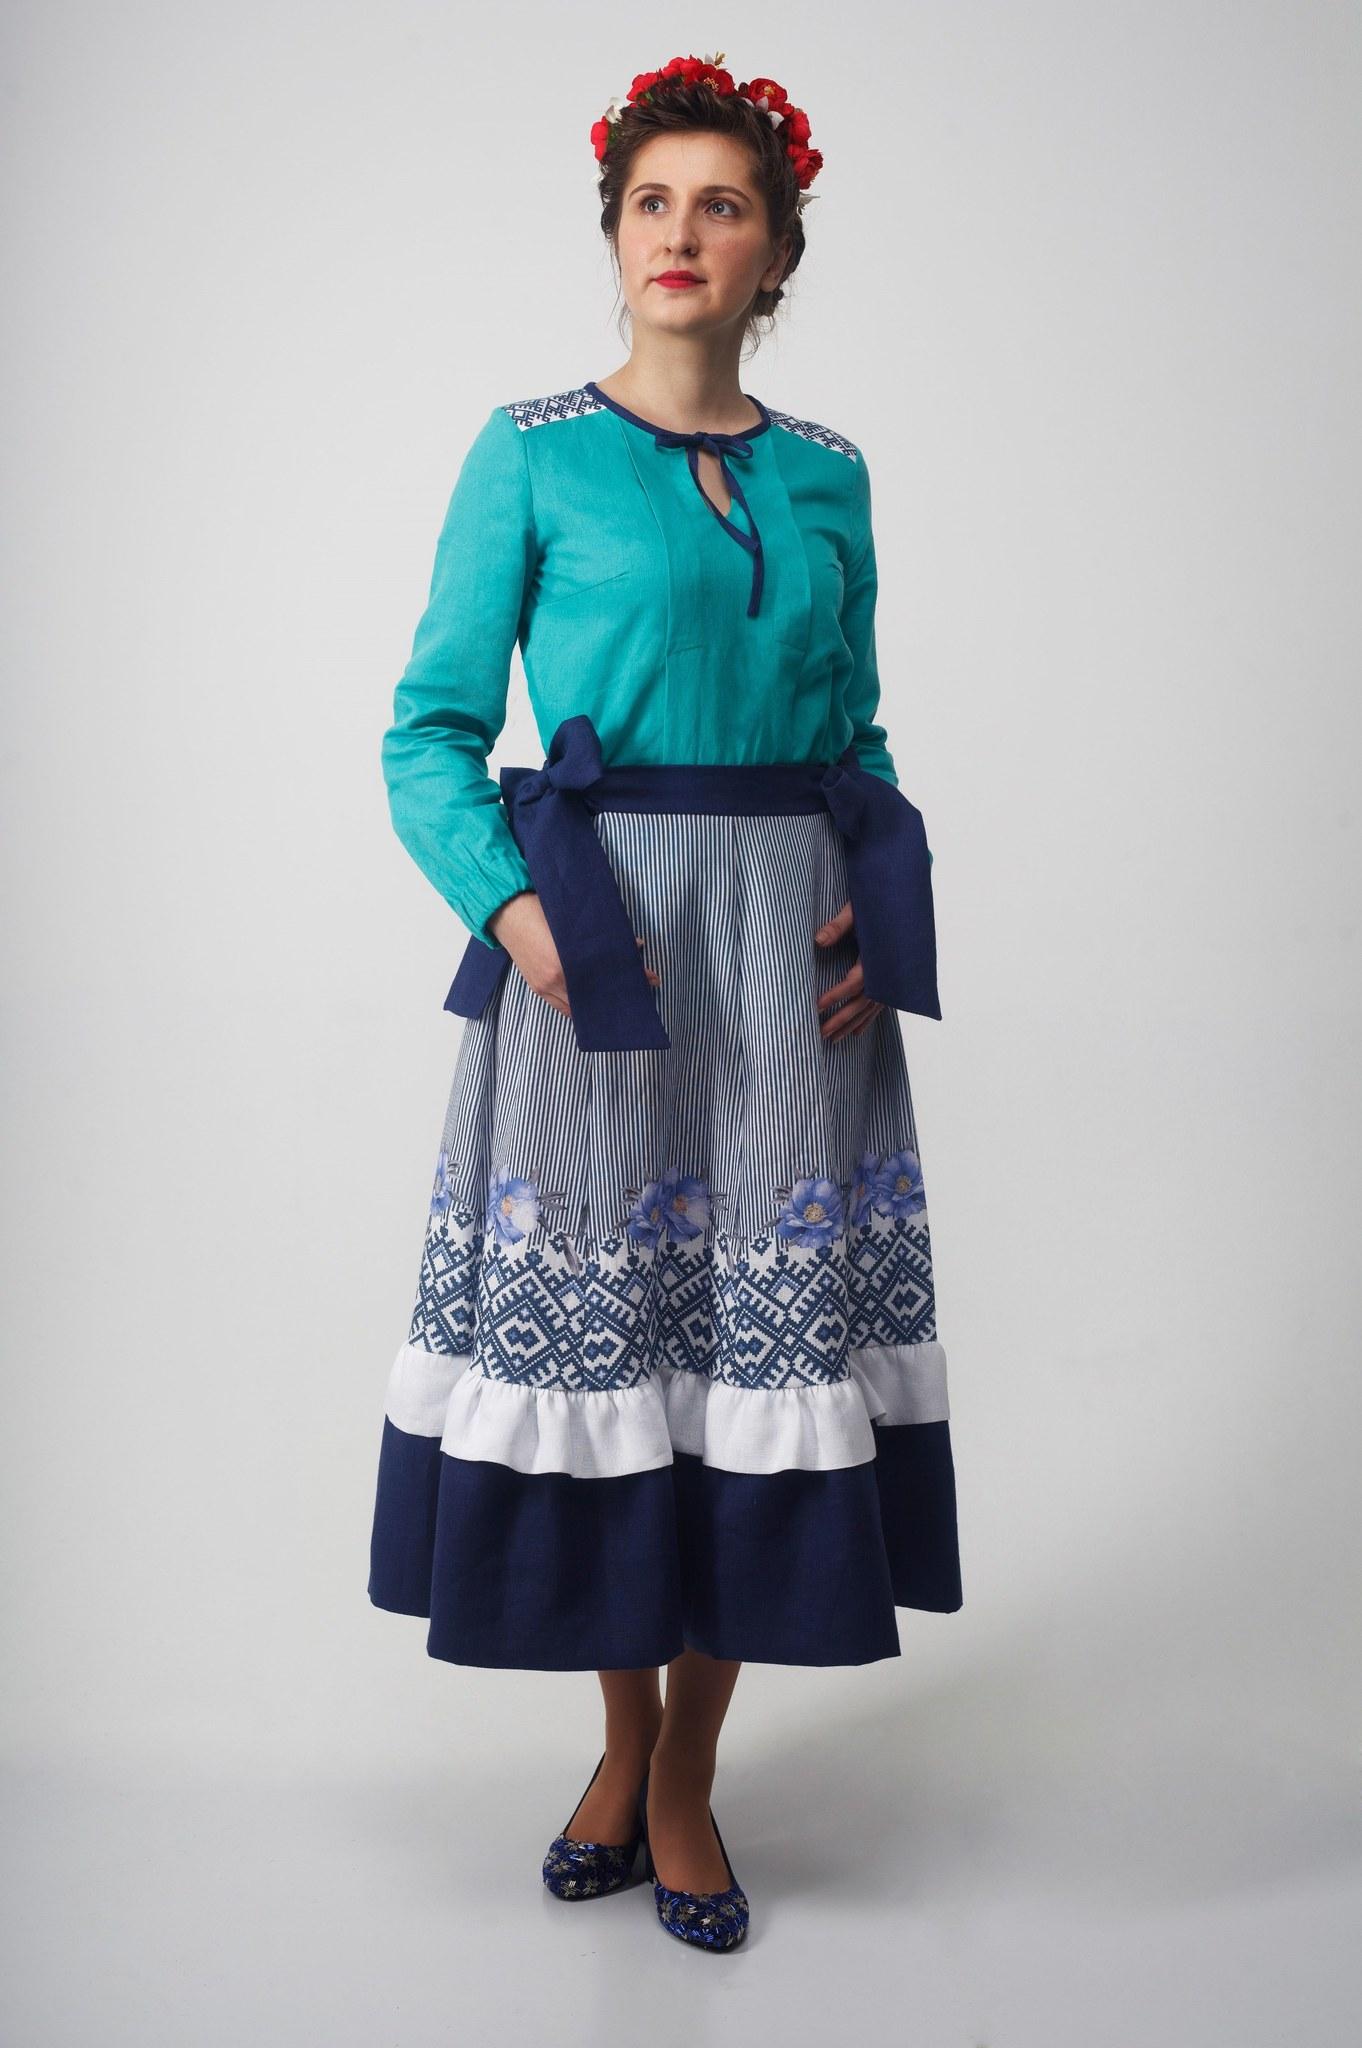 Юбка Хозяйка тайги 01 с блузкой